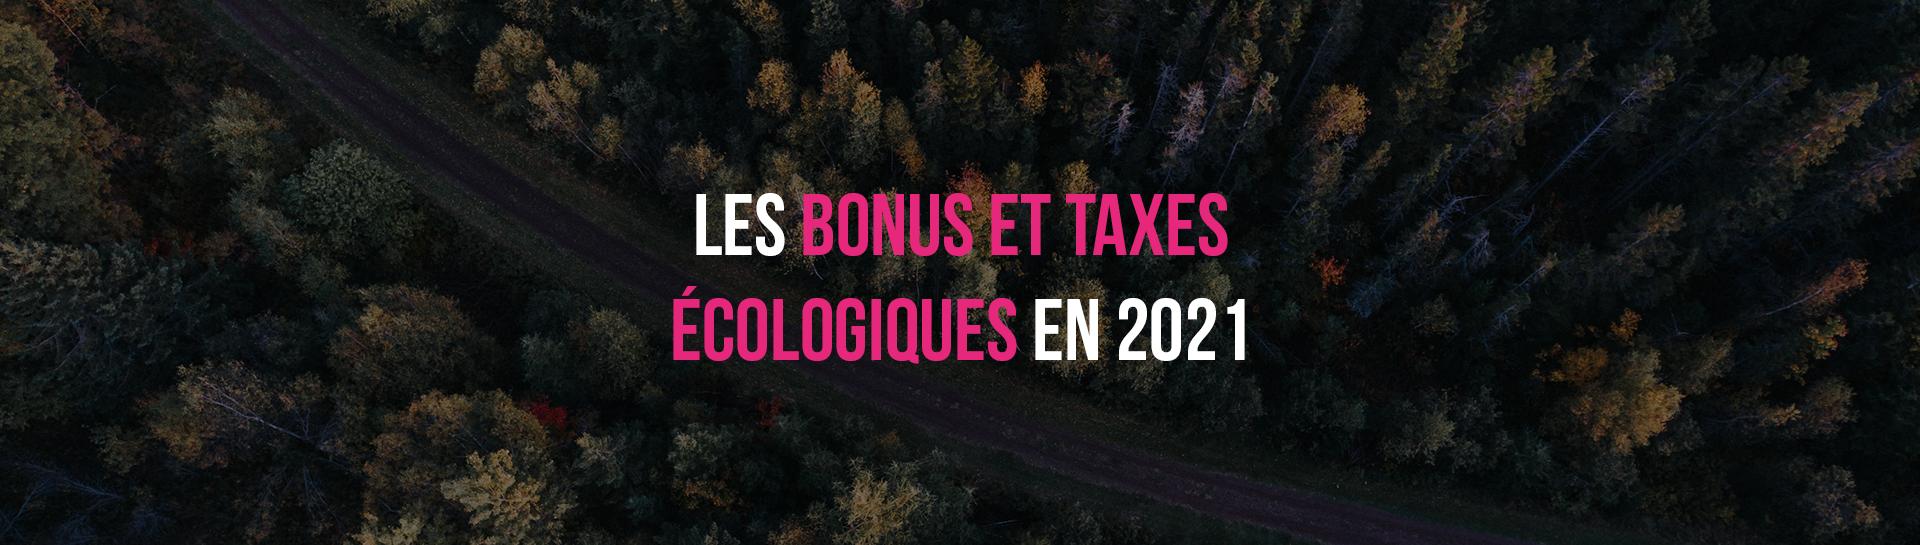 Bannière éco-taxe